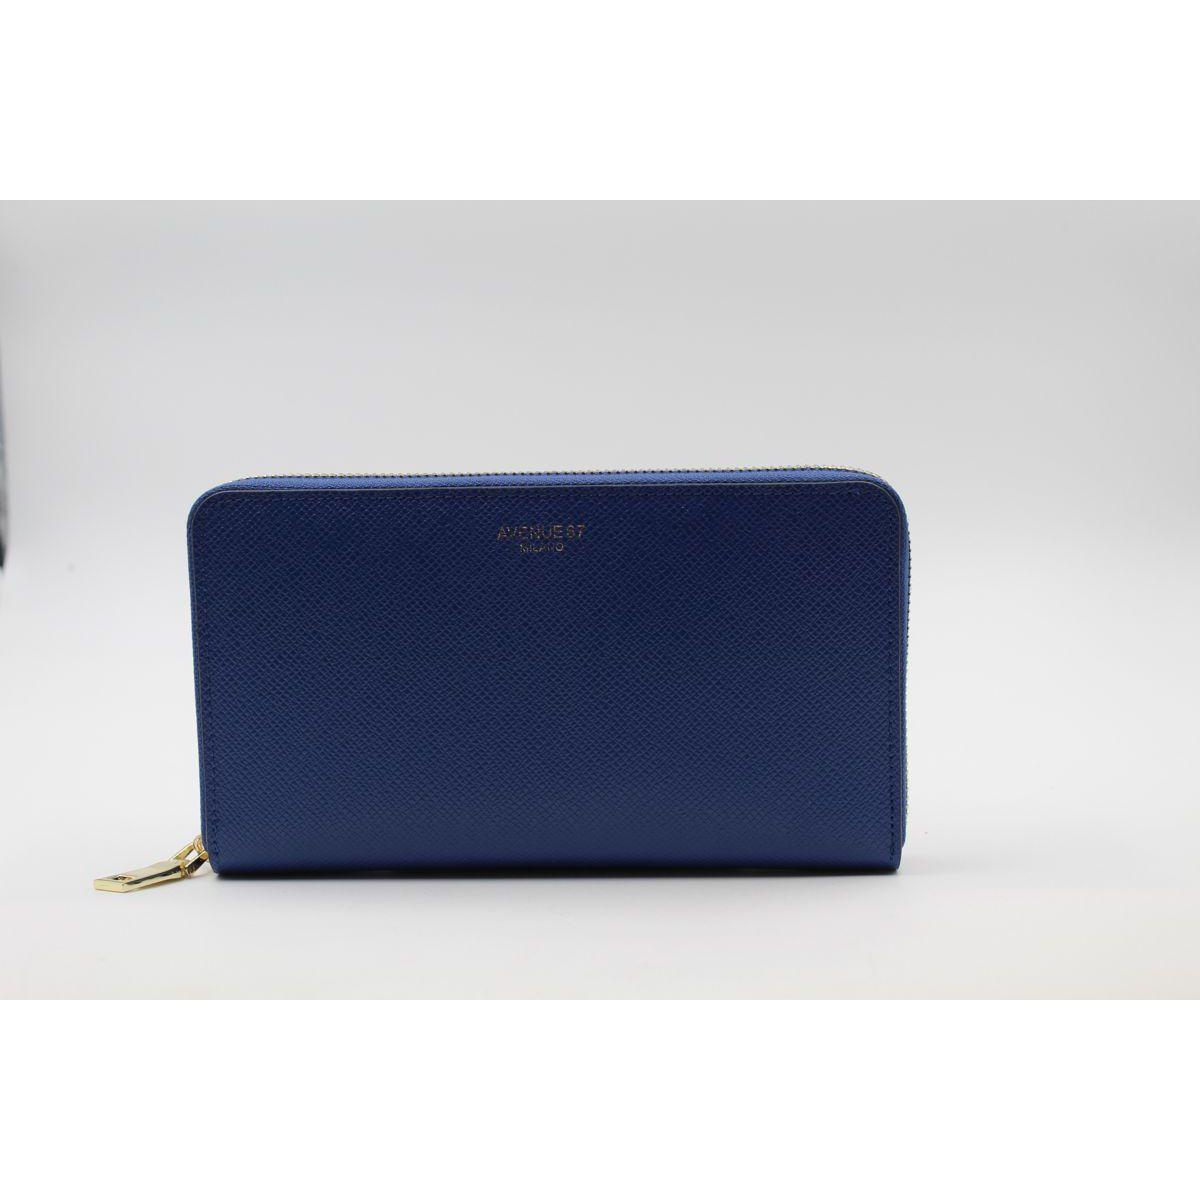 Woman wallet Light blue Avenue 67